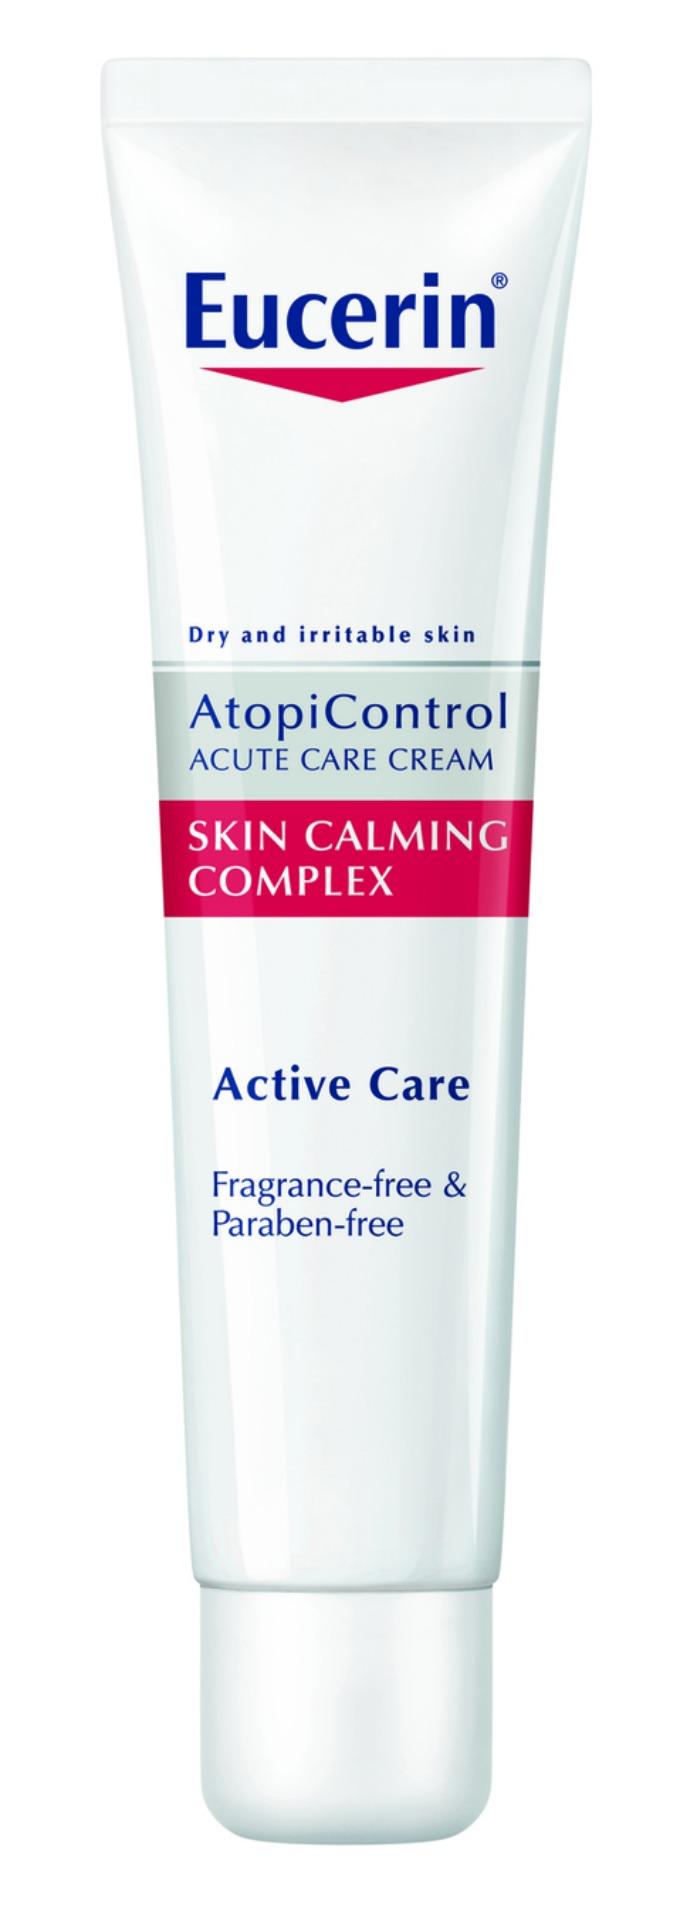 eucerin 31 Eucerin: Nega kože za ublažavanje simptoma atopijskog dermatitisa